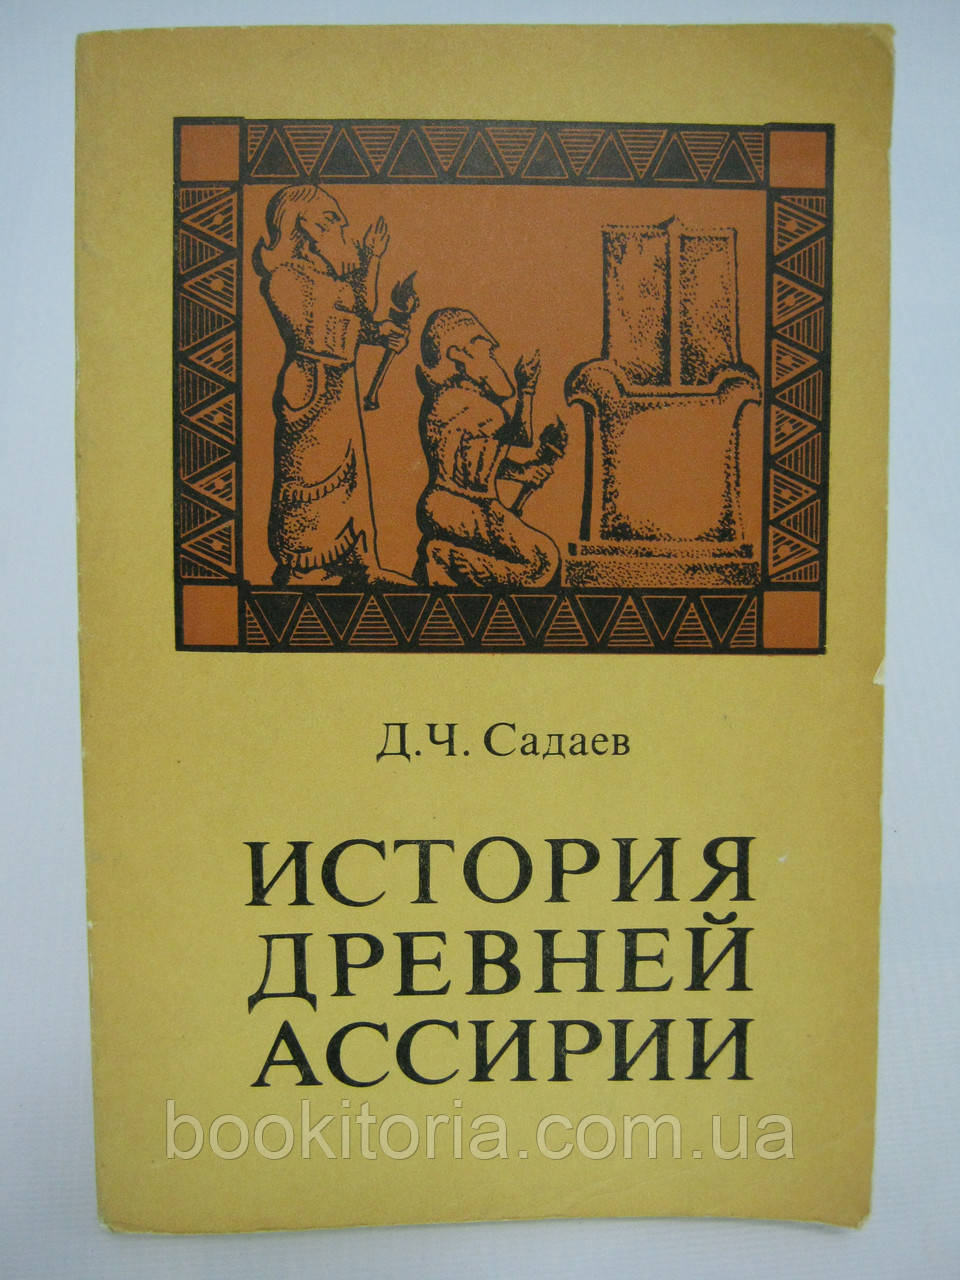 Садаев Д.Ч. История древней Ассирии (б/у).